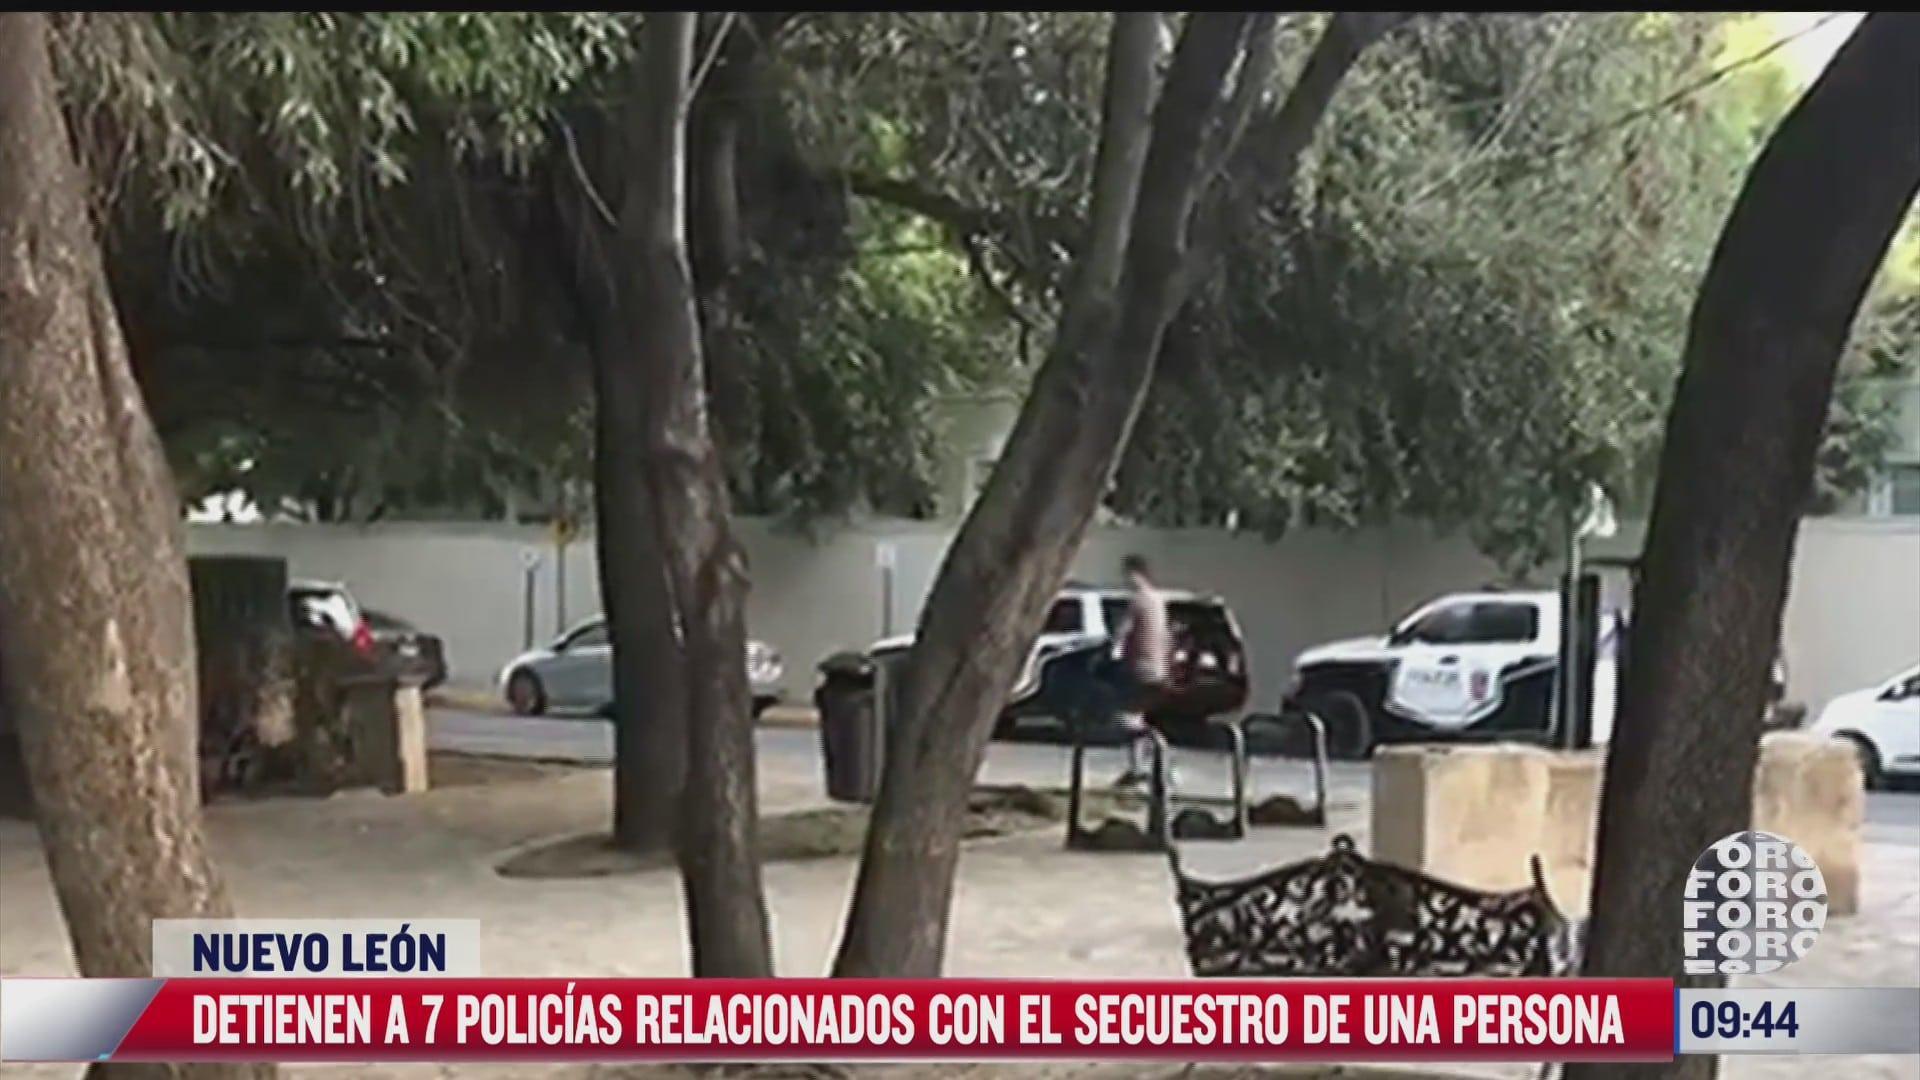 detienen a siete policias relacionados con el secuestro de una persona en nuevo leon